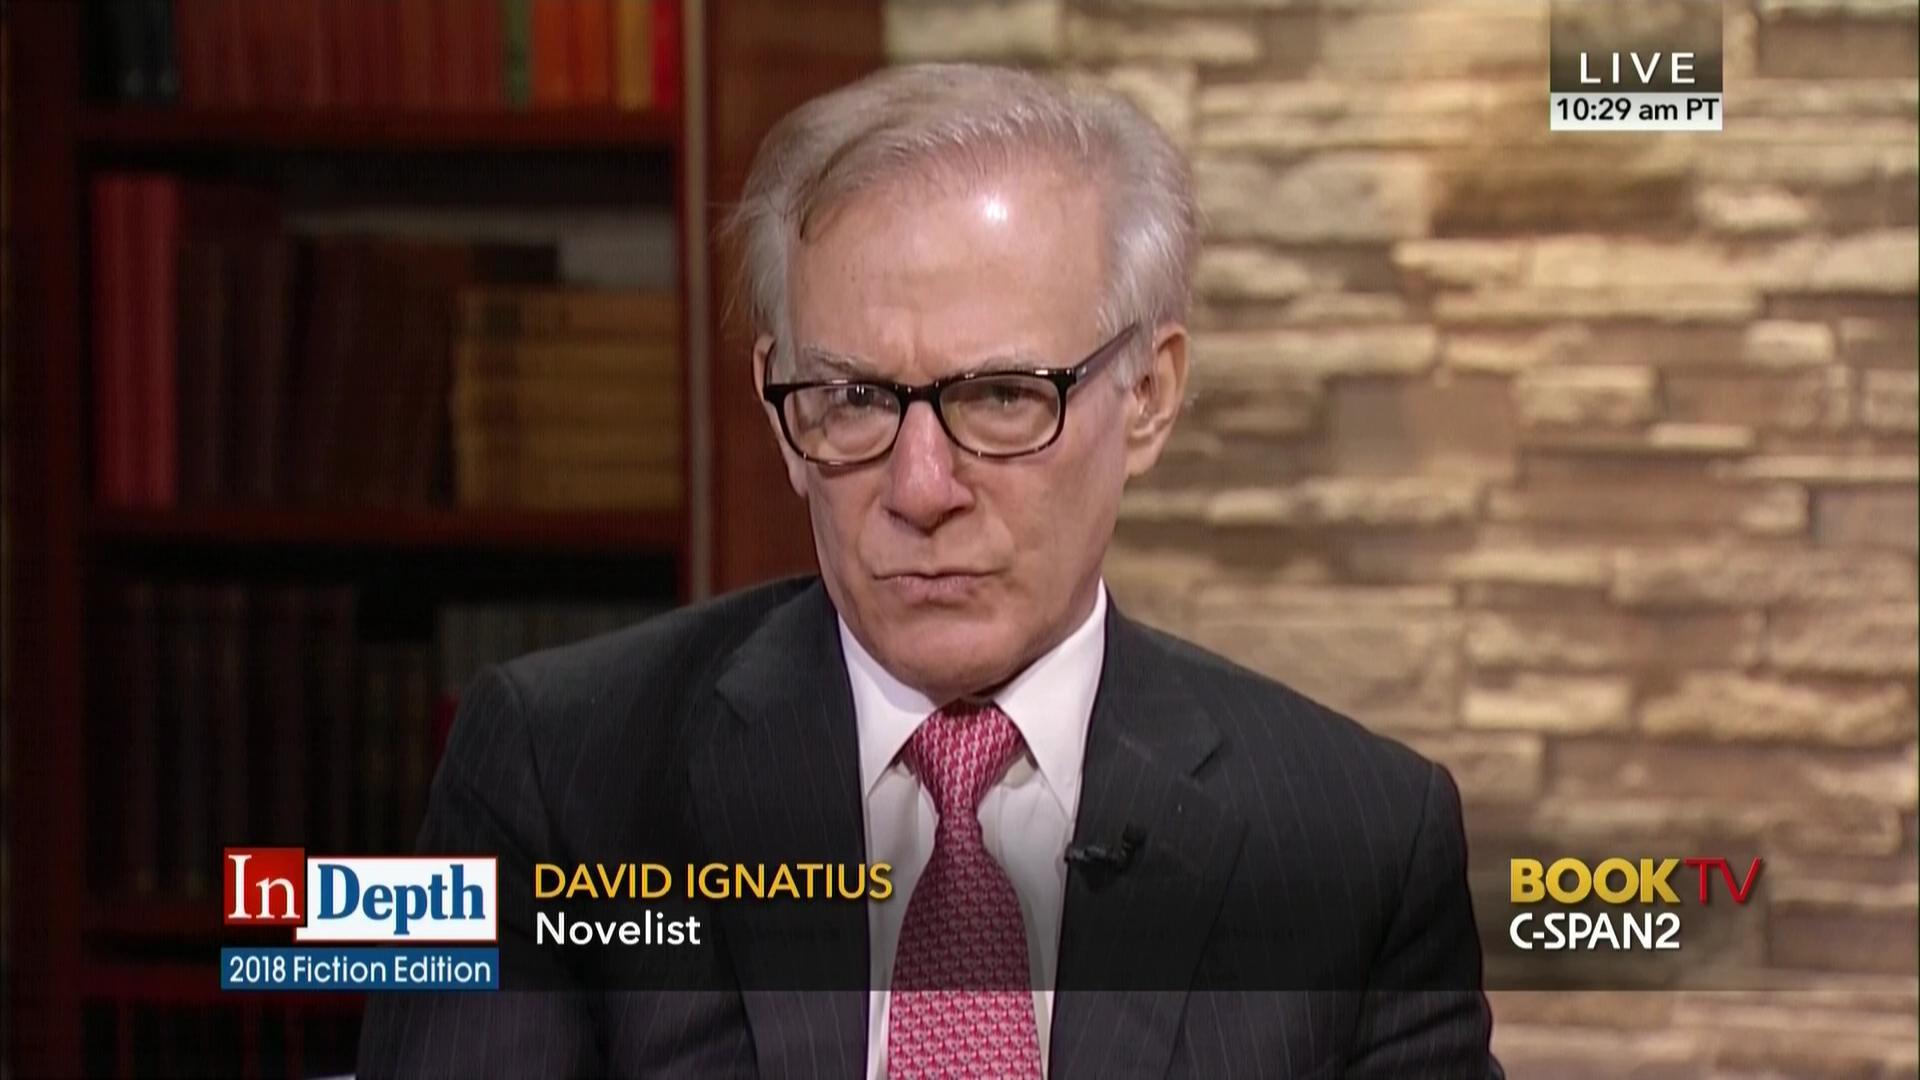 David ignatius penetration